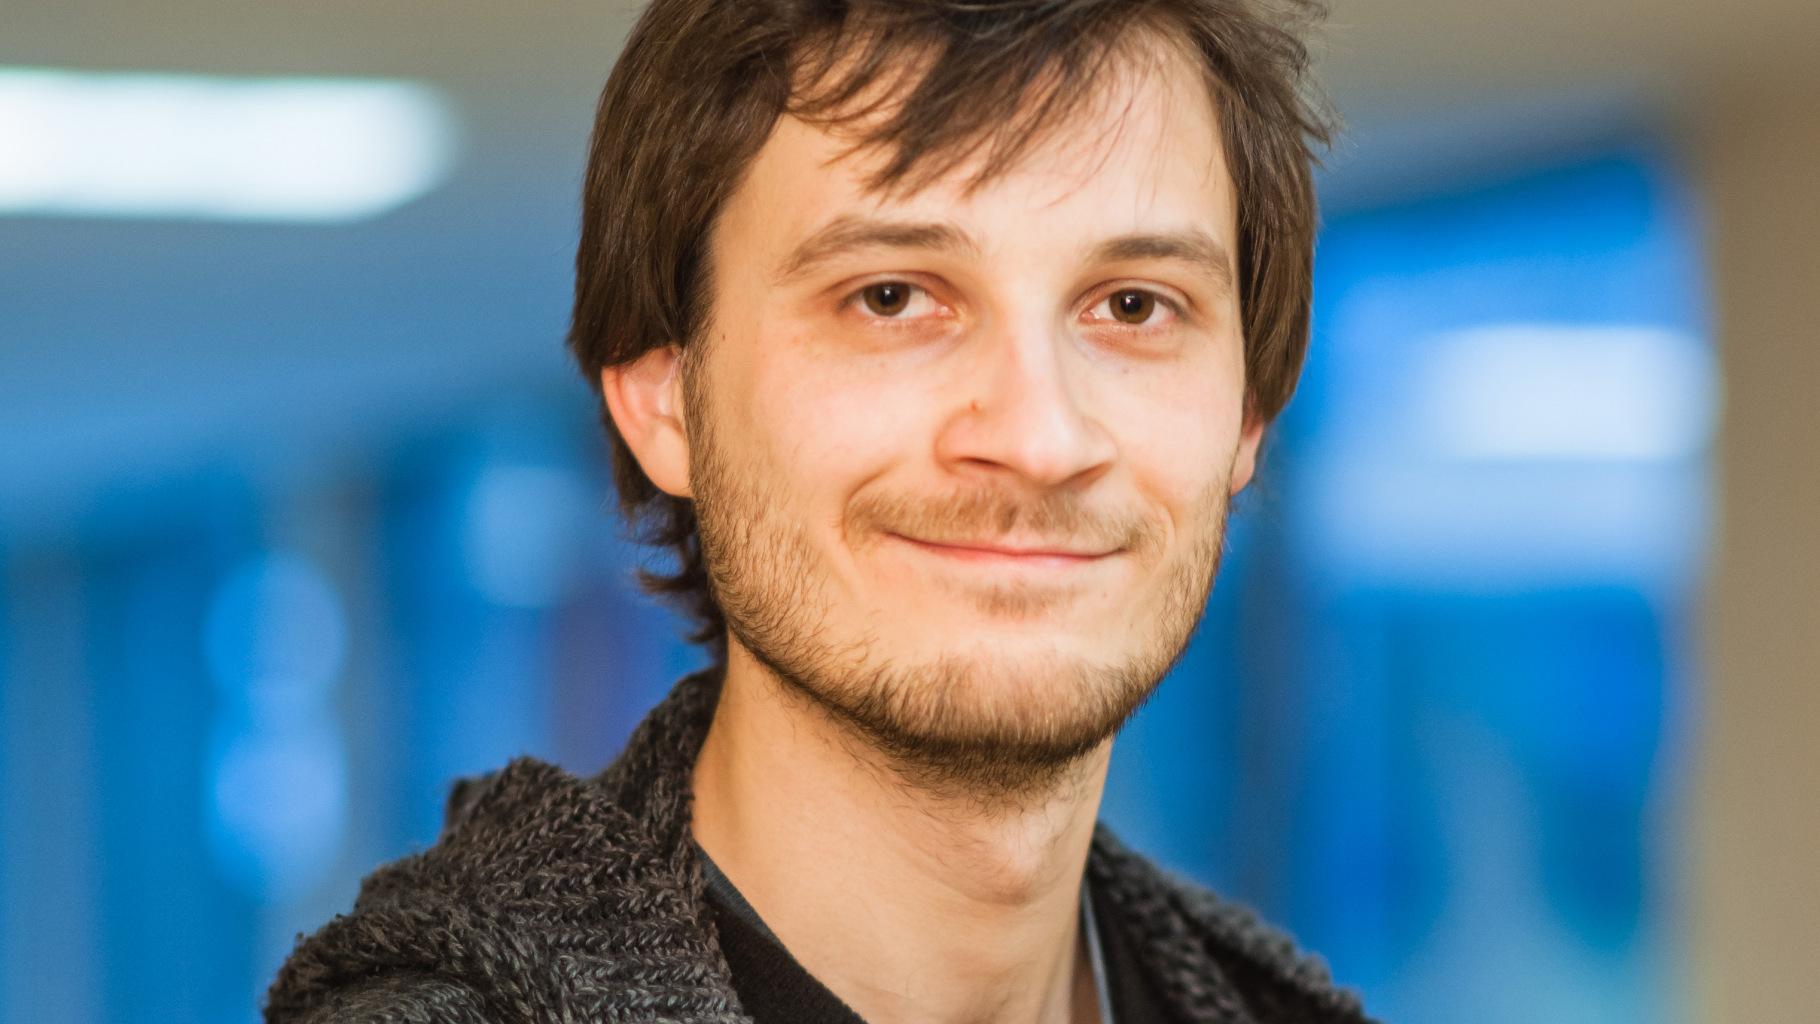 der Ehrenamtliche Marcus Herzberg aus dem Oxfam Shop Berlin-Spandau